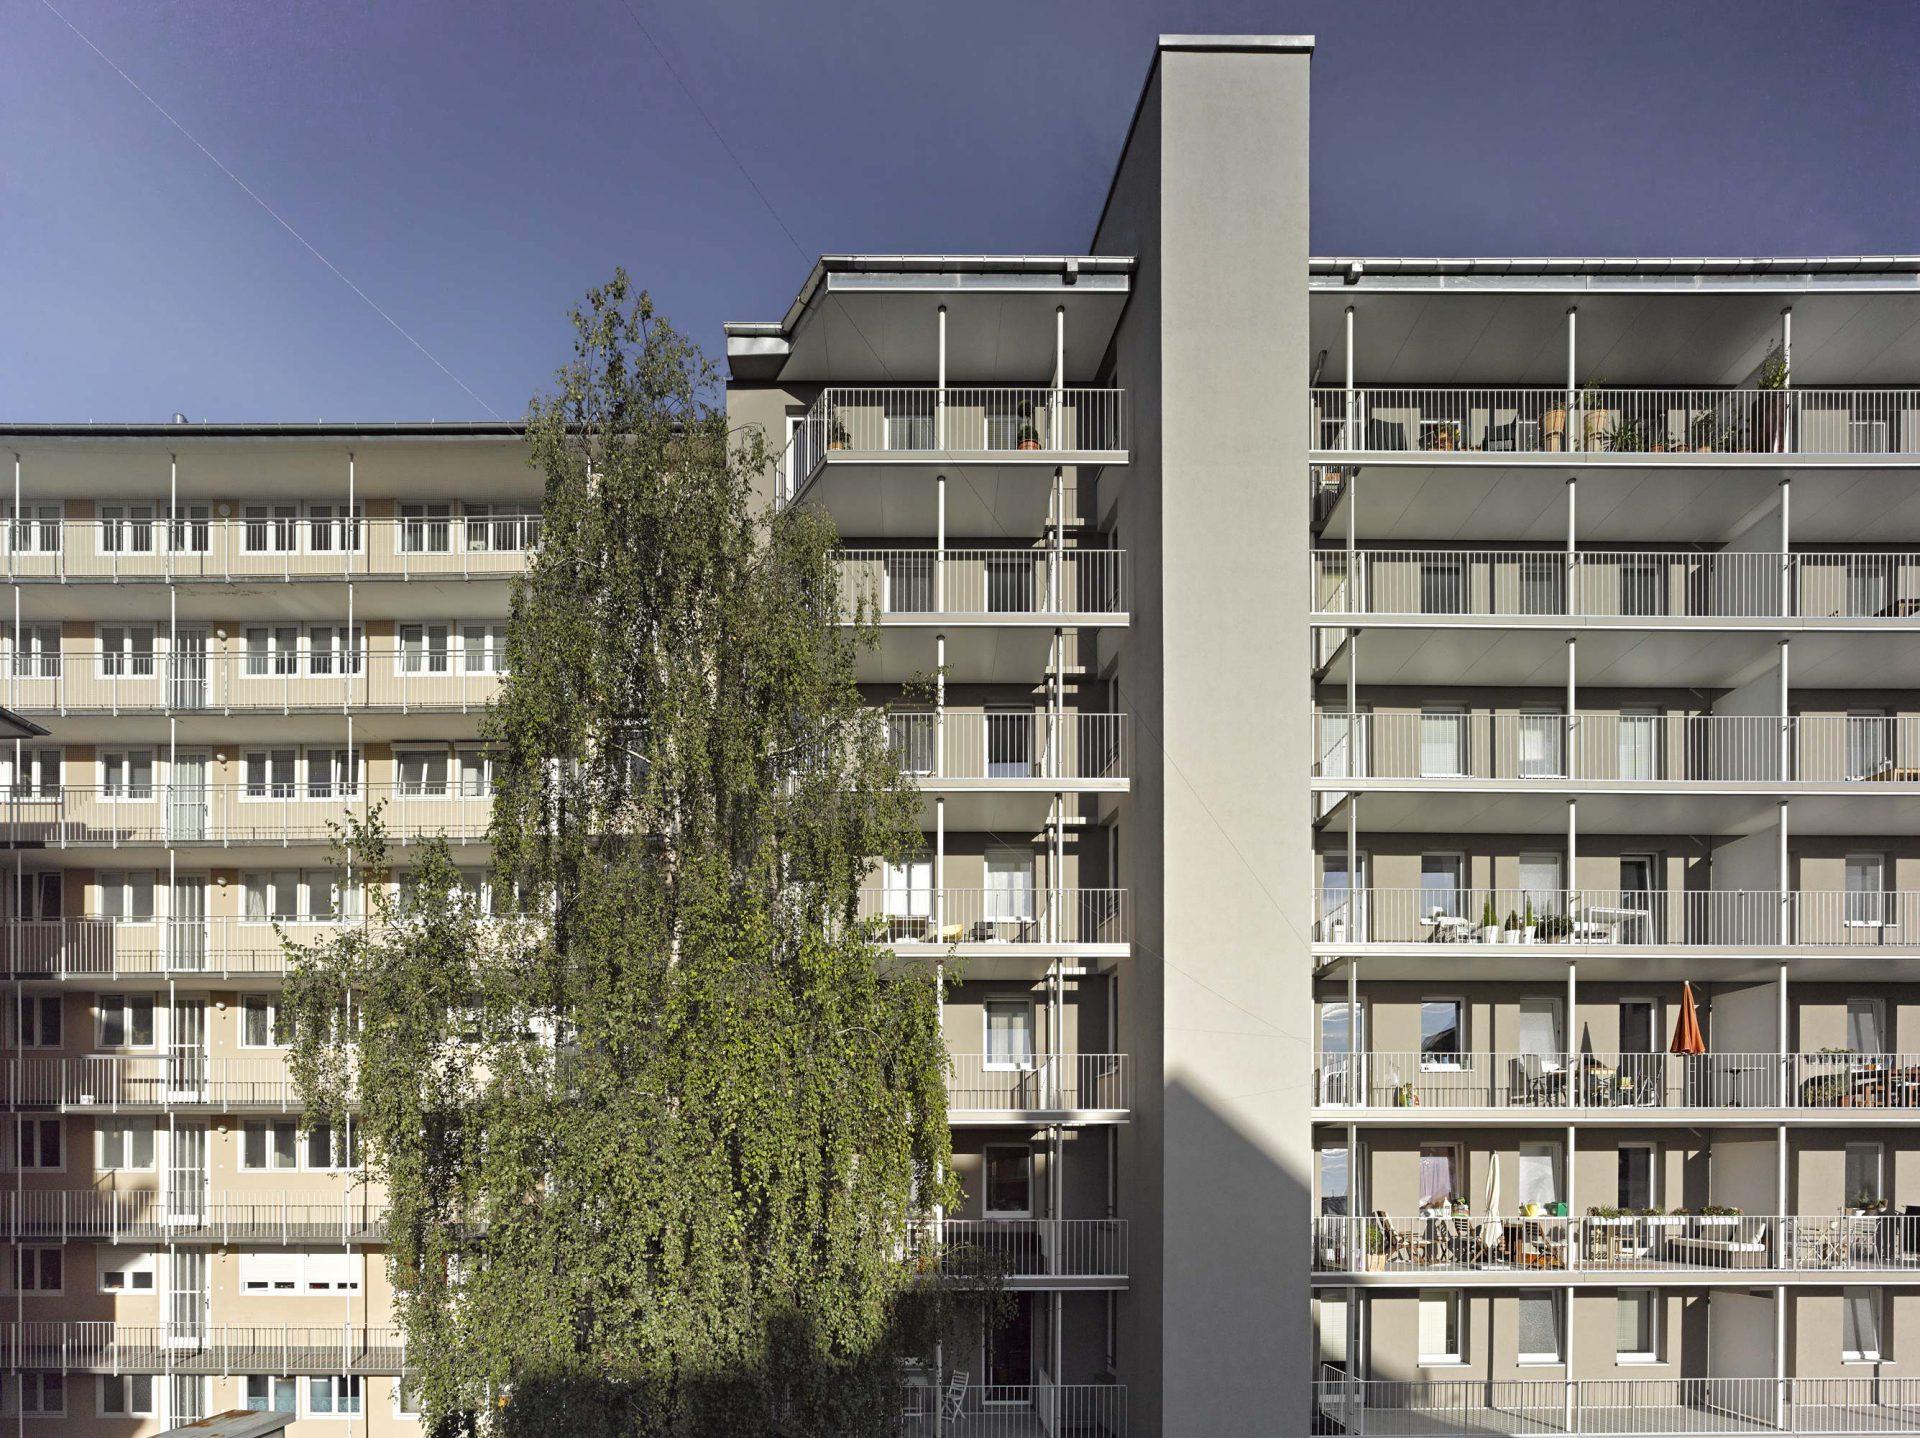 EAP-Habsburgerpl-150916-03-0090-01